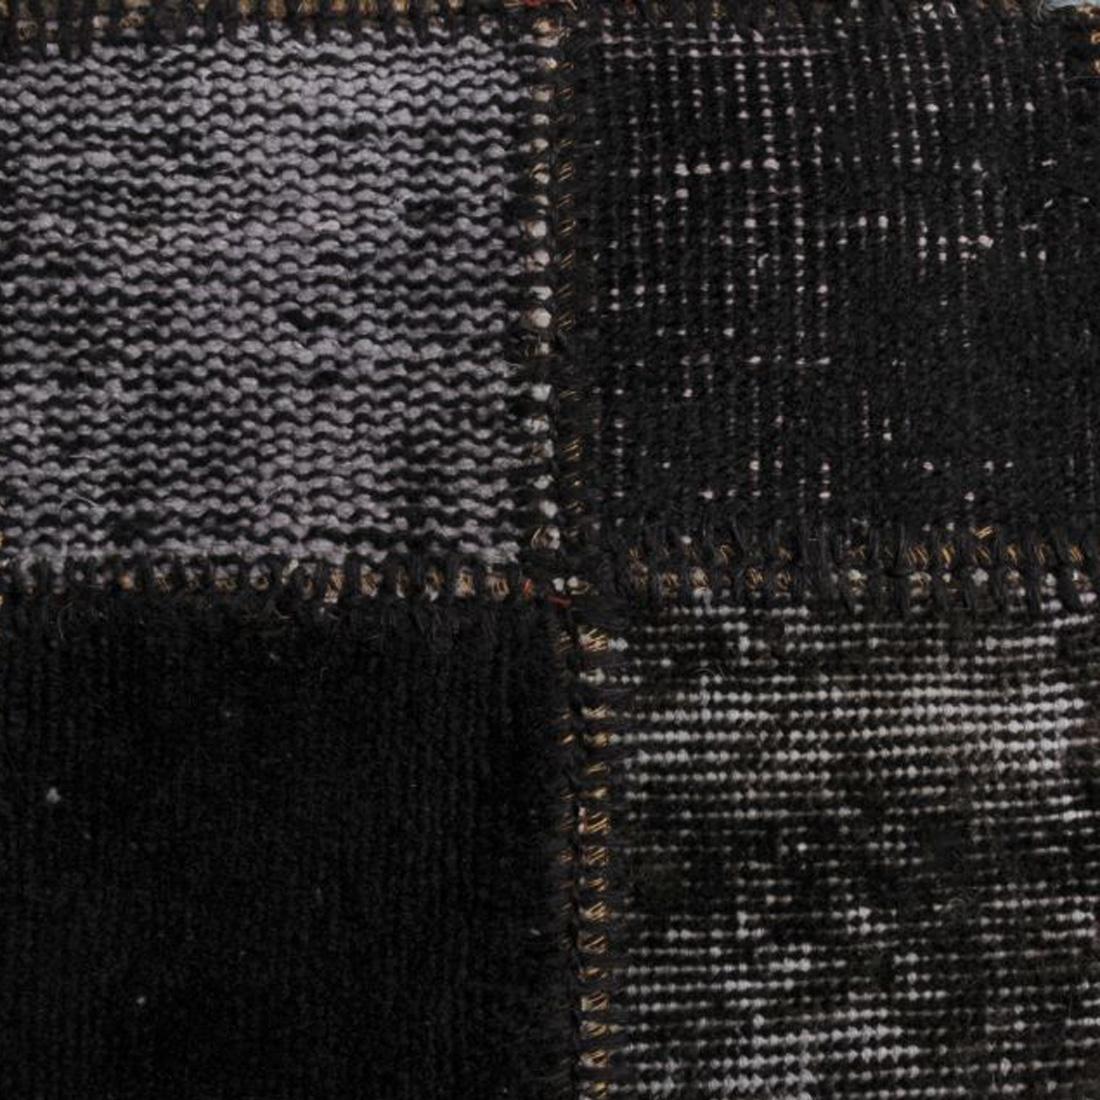 Vintage Vloerkleed Antique Handgeknoopt Black